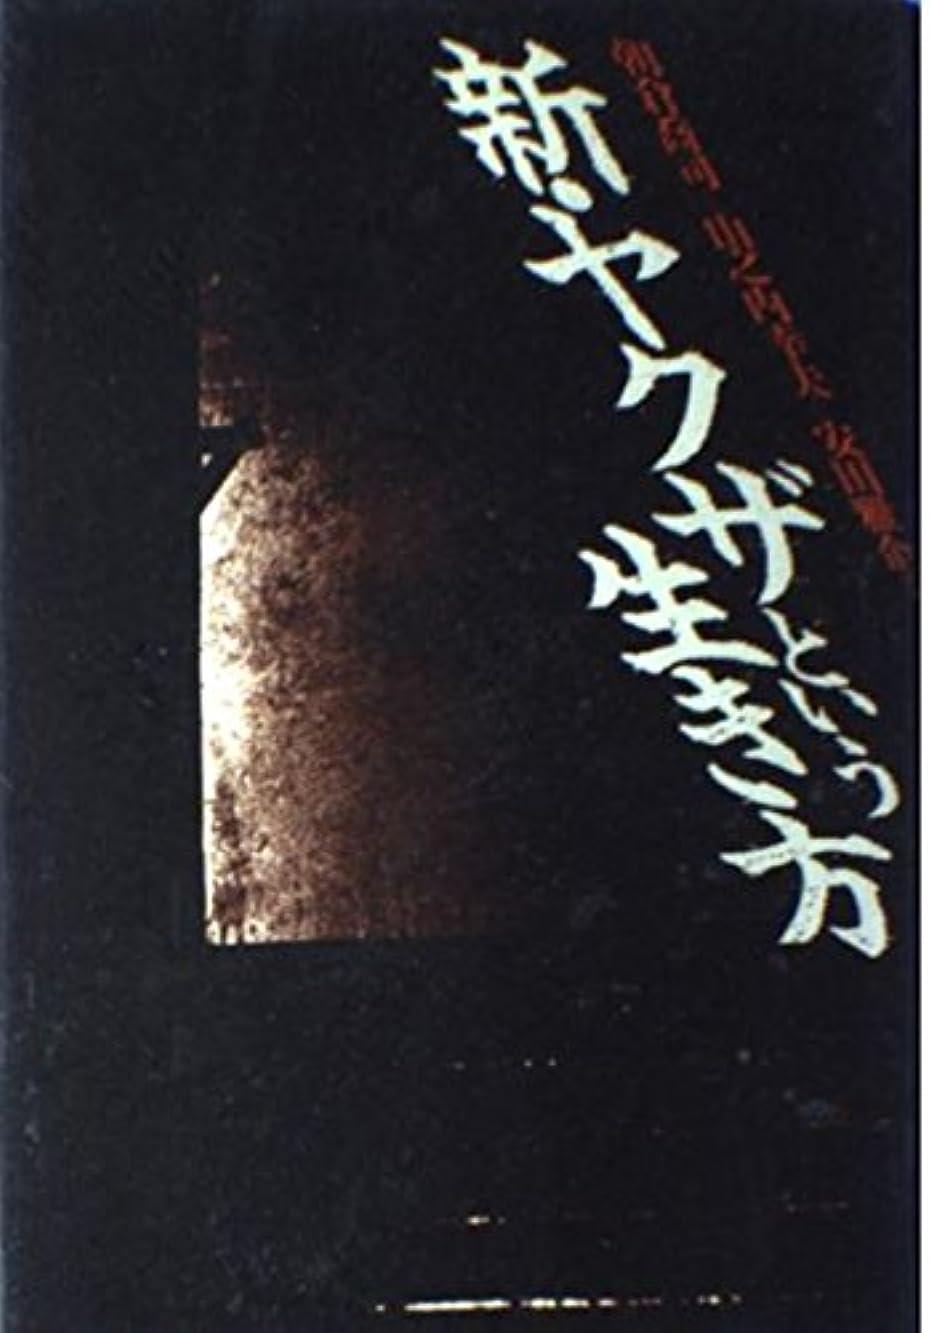 感謝するハウジングそこからチャイナマフィア―暴龍の掟 (小学館文庫)